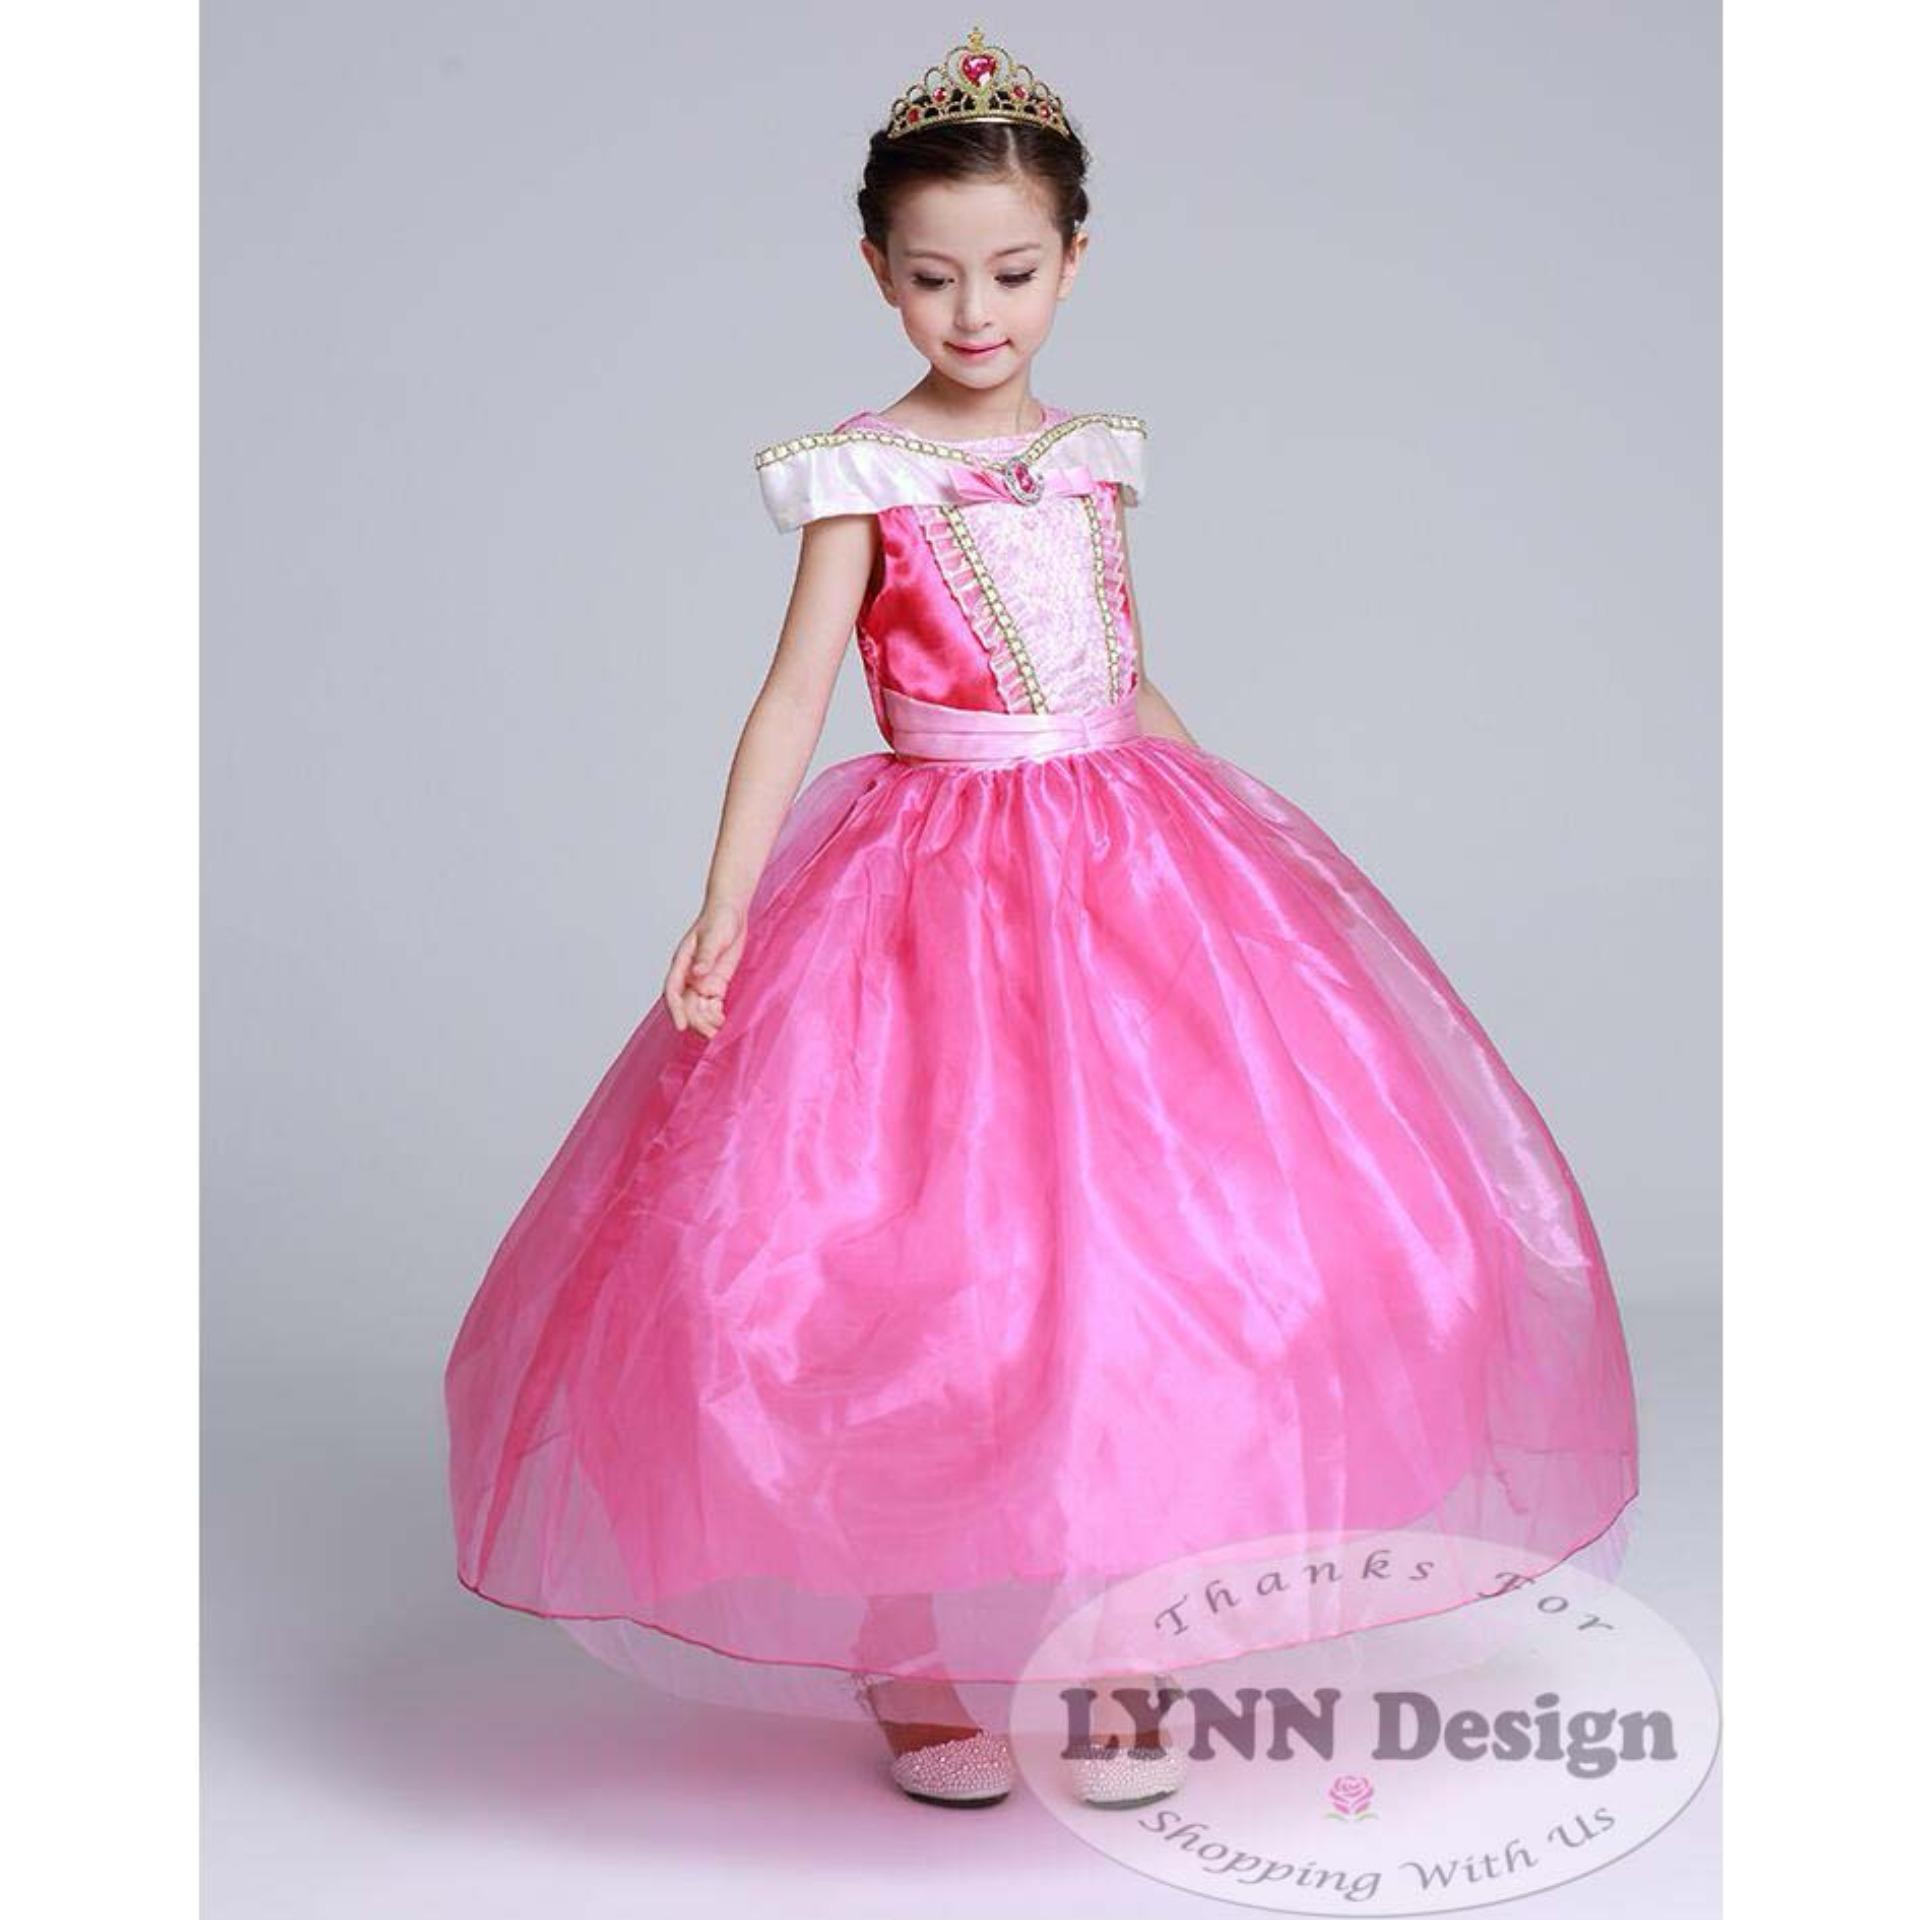 lynn design – baju dress gaun pesta kostum anak princess aurora pink_lynn design